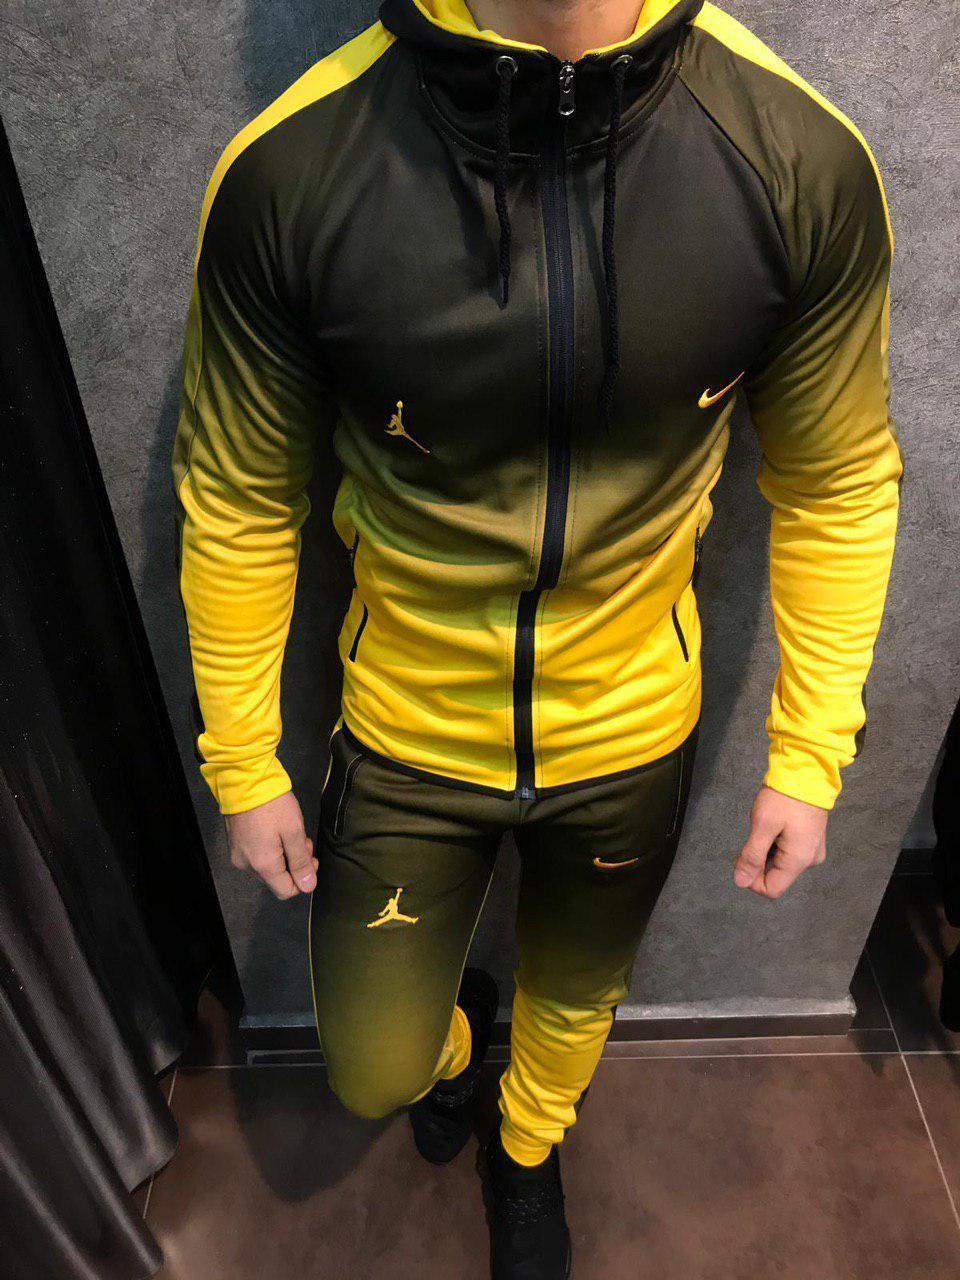 Спортивний костюм Найк ейр джордан звужений чоловічий градієнт чорний з жовтим